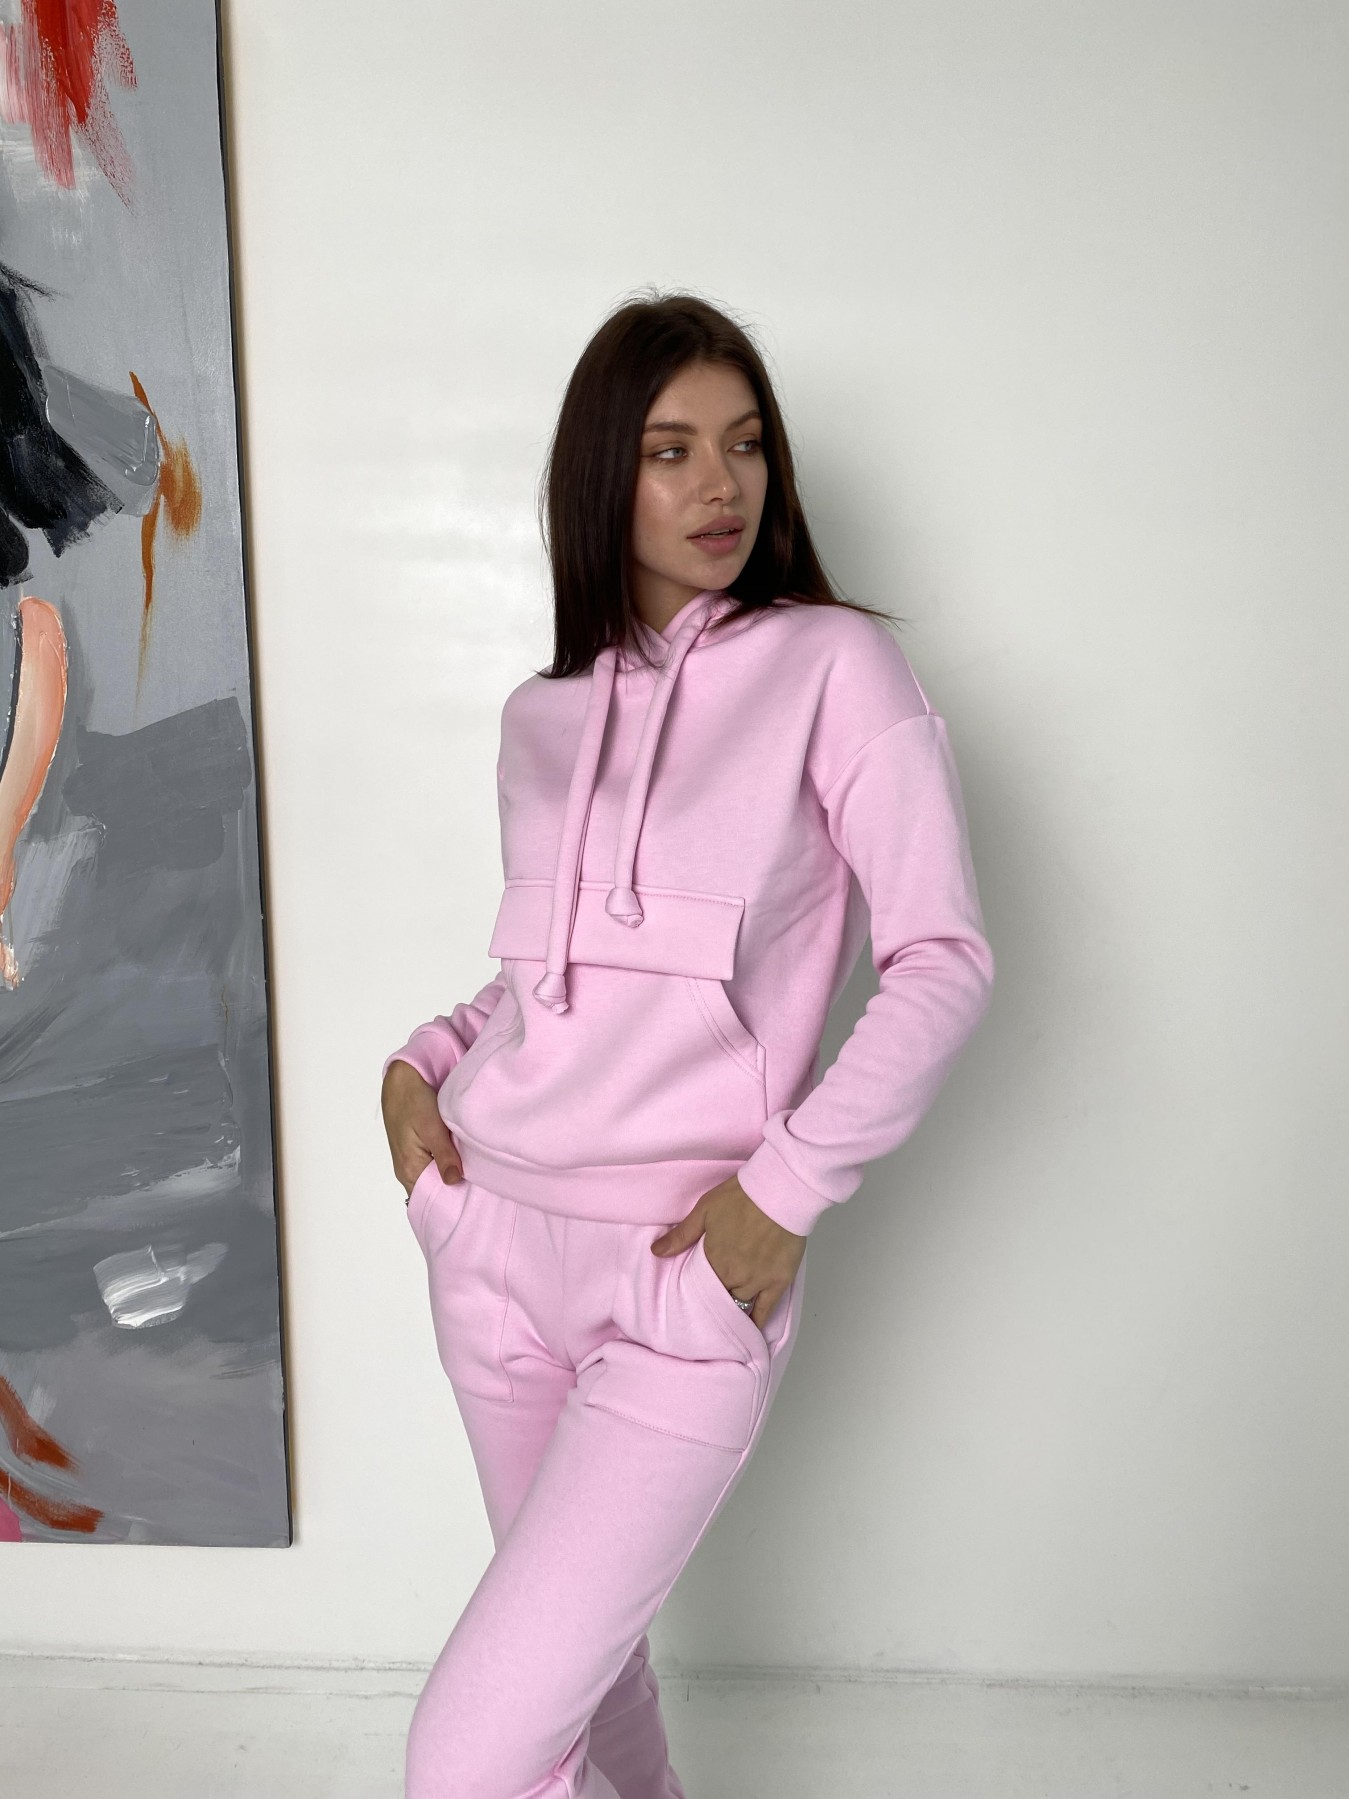 Бруклин  прогулочный костюм 3х нитка с начесом  9663 АРТ. 46923 Цвет: Розовый - фото 2, интернет магазин tm-modus.ru